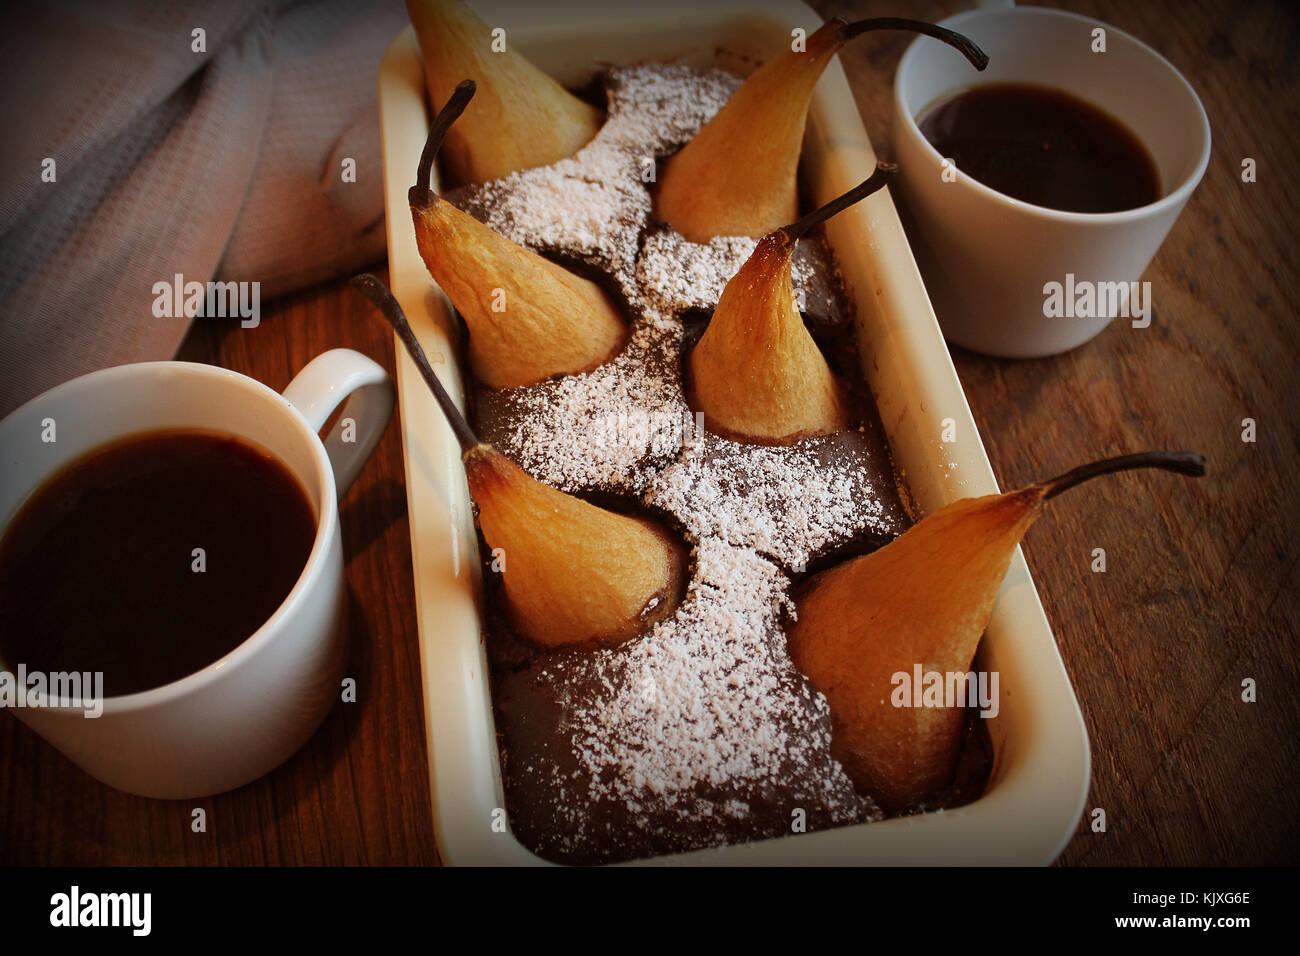 Gâteau de pain au chocolat avec des poires entières cuites à l'intérieur et deux tasses Photo Stock